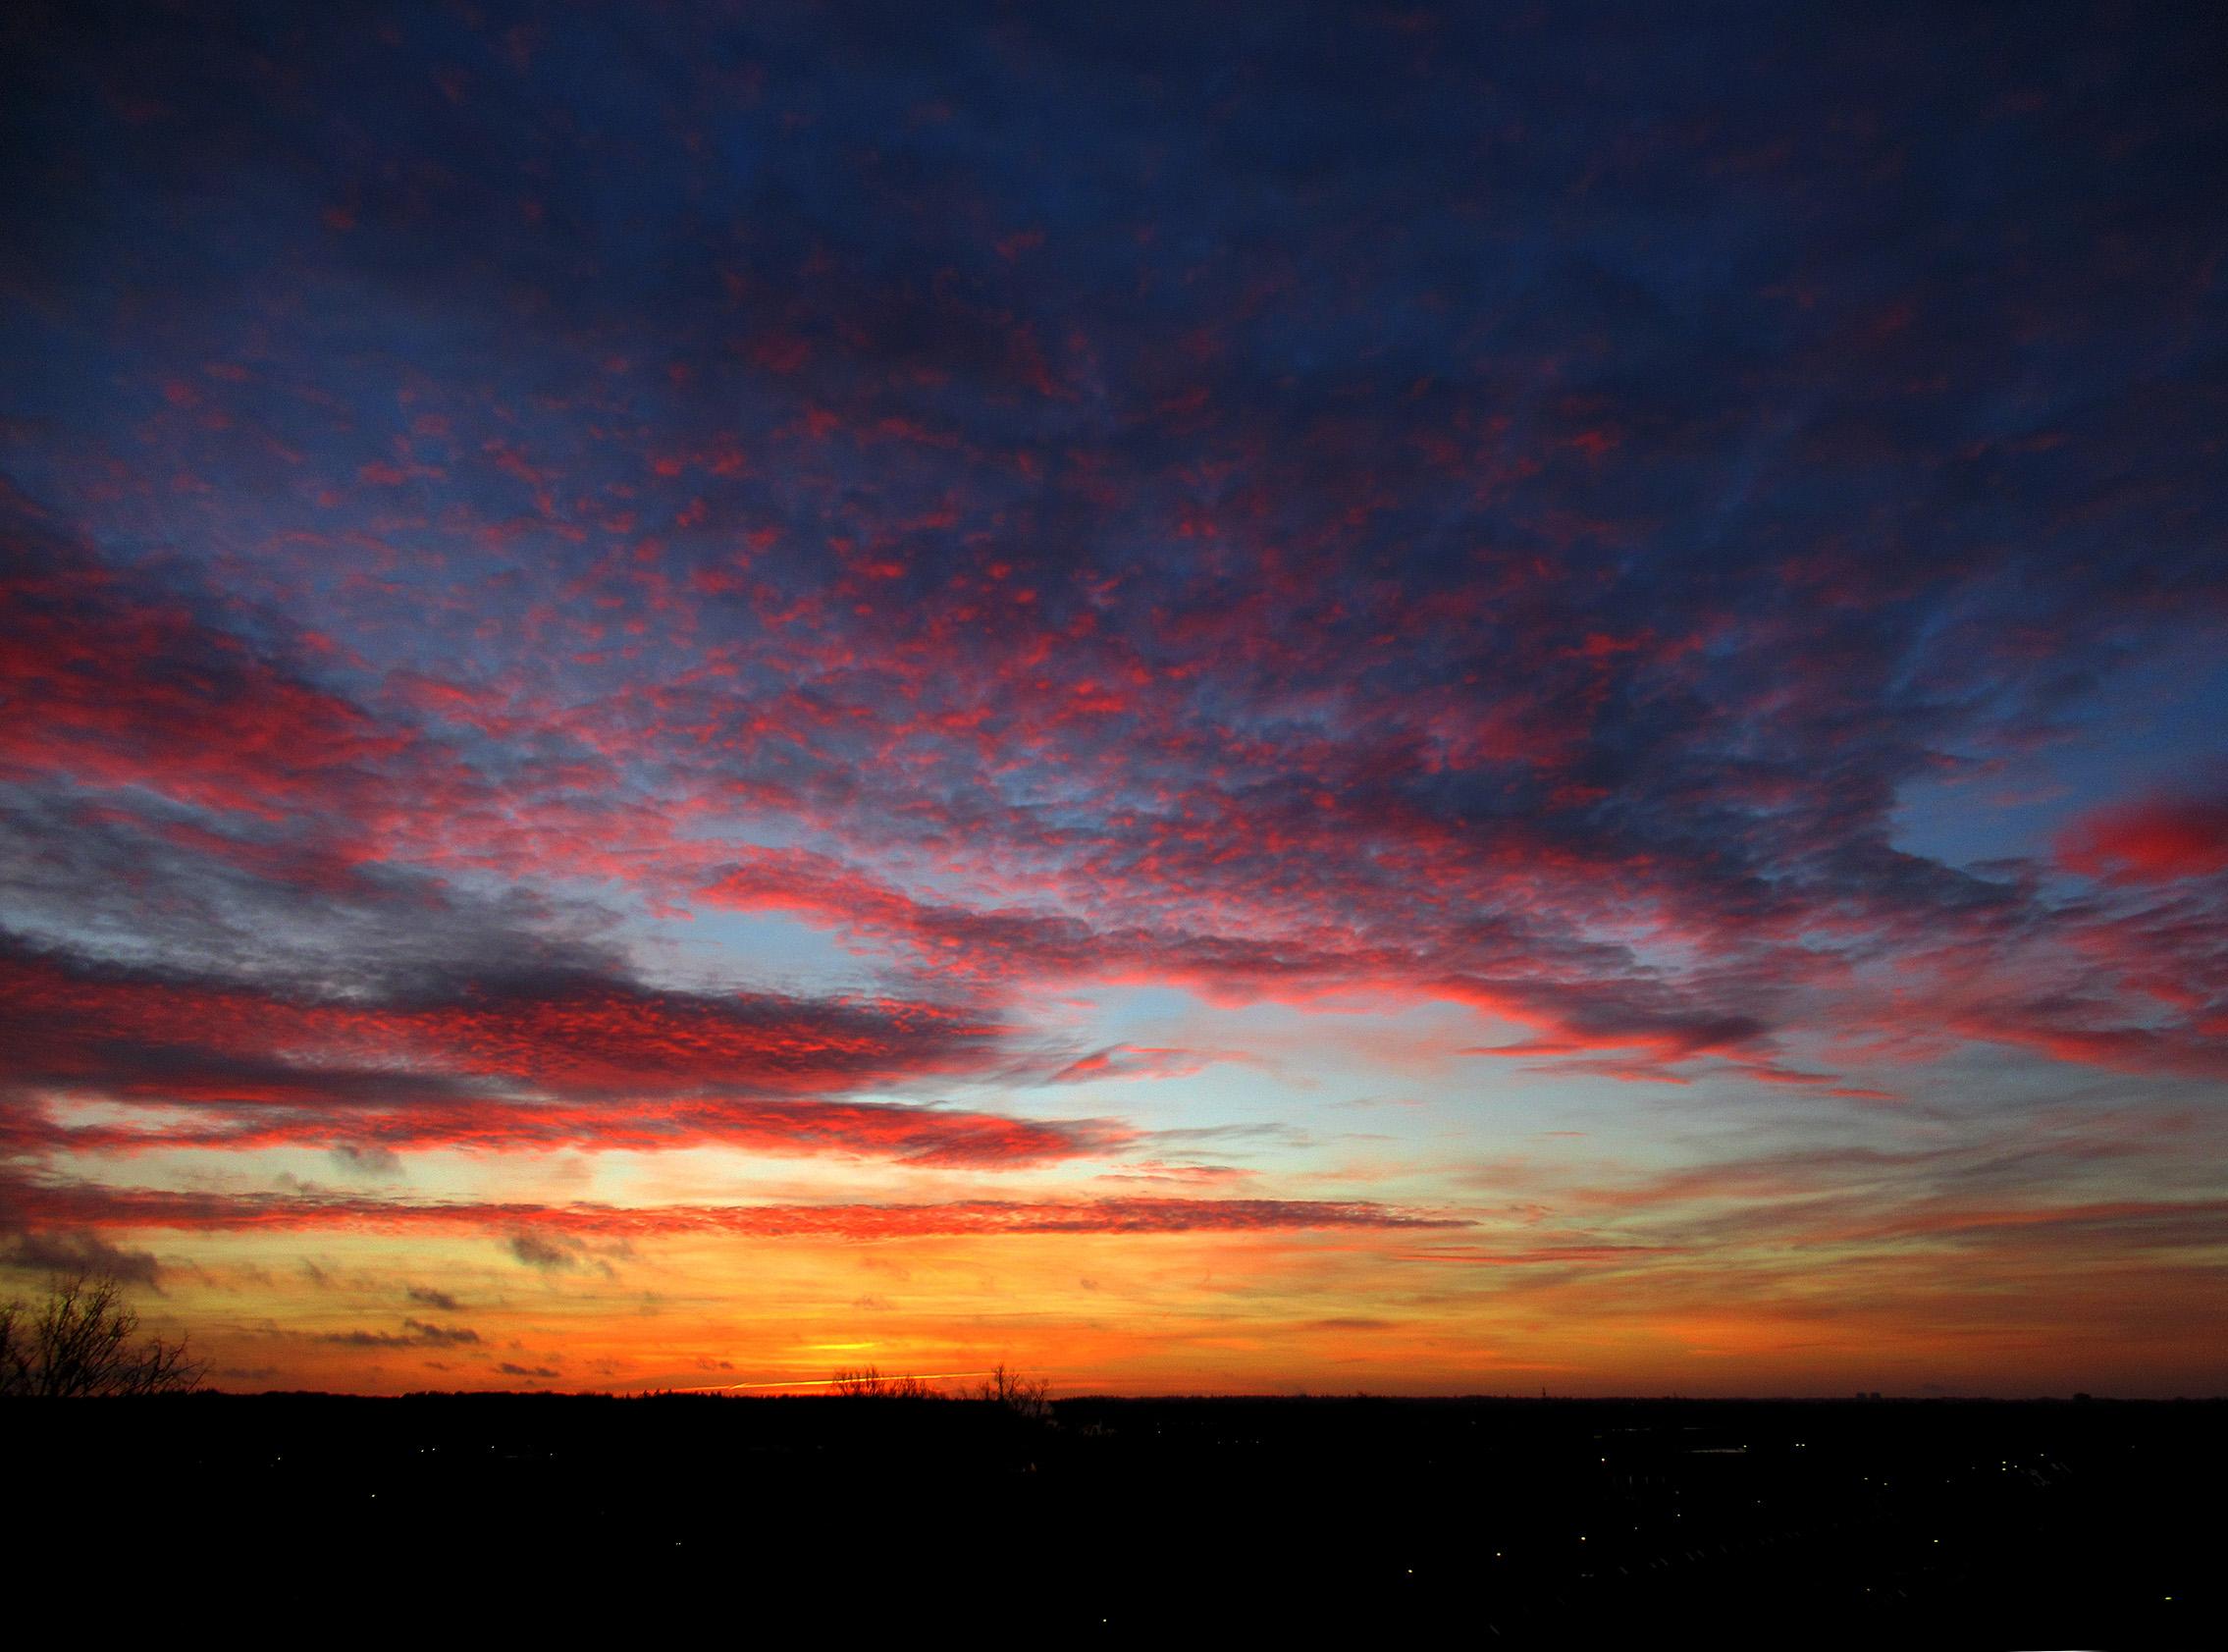 Vanmorgen een schitterend ochtendgloren buiten in het veld - Foto: ©Louis Fraanje